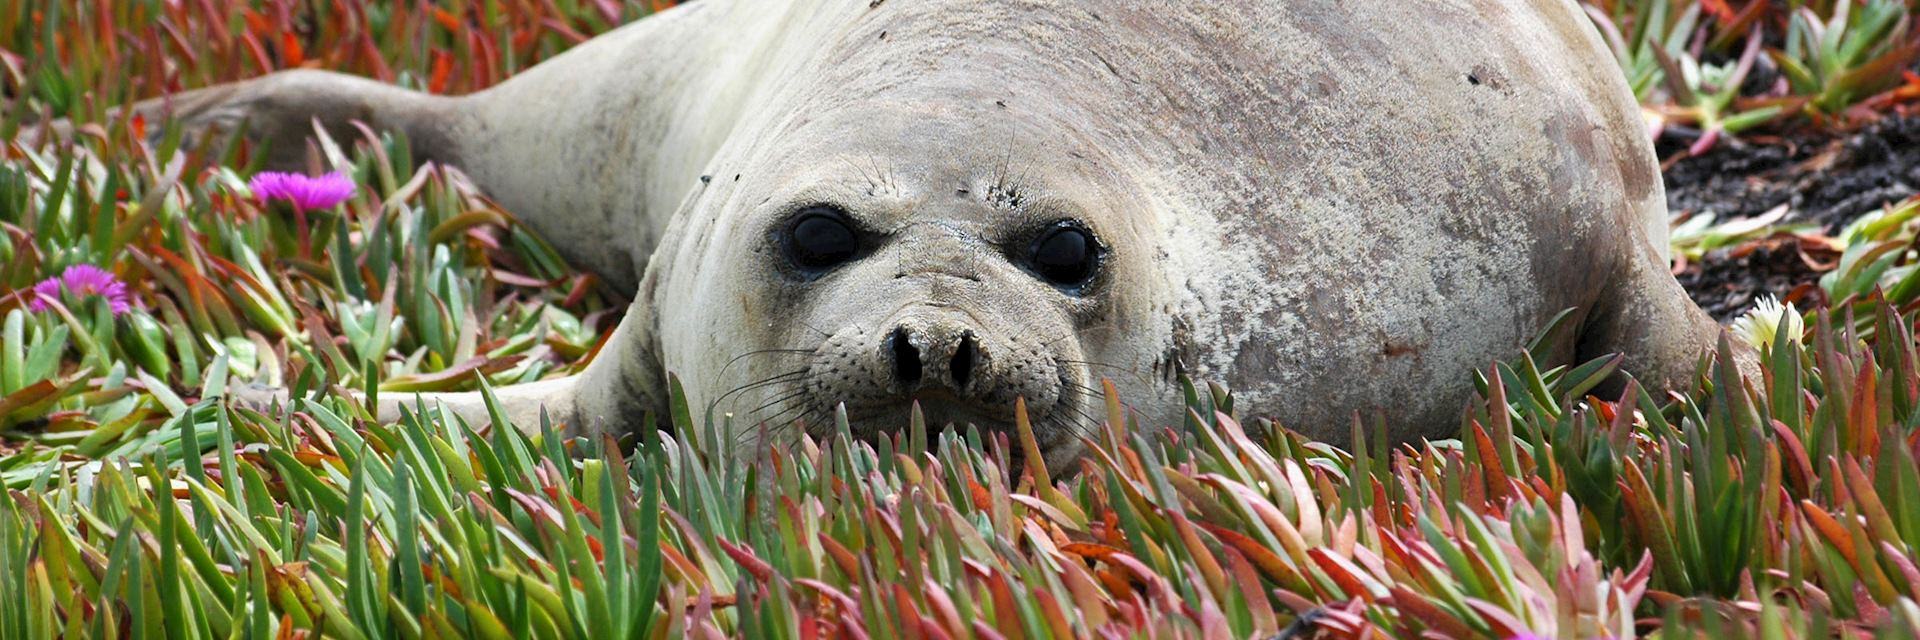 Baby seal at Peninsula Valdes